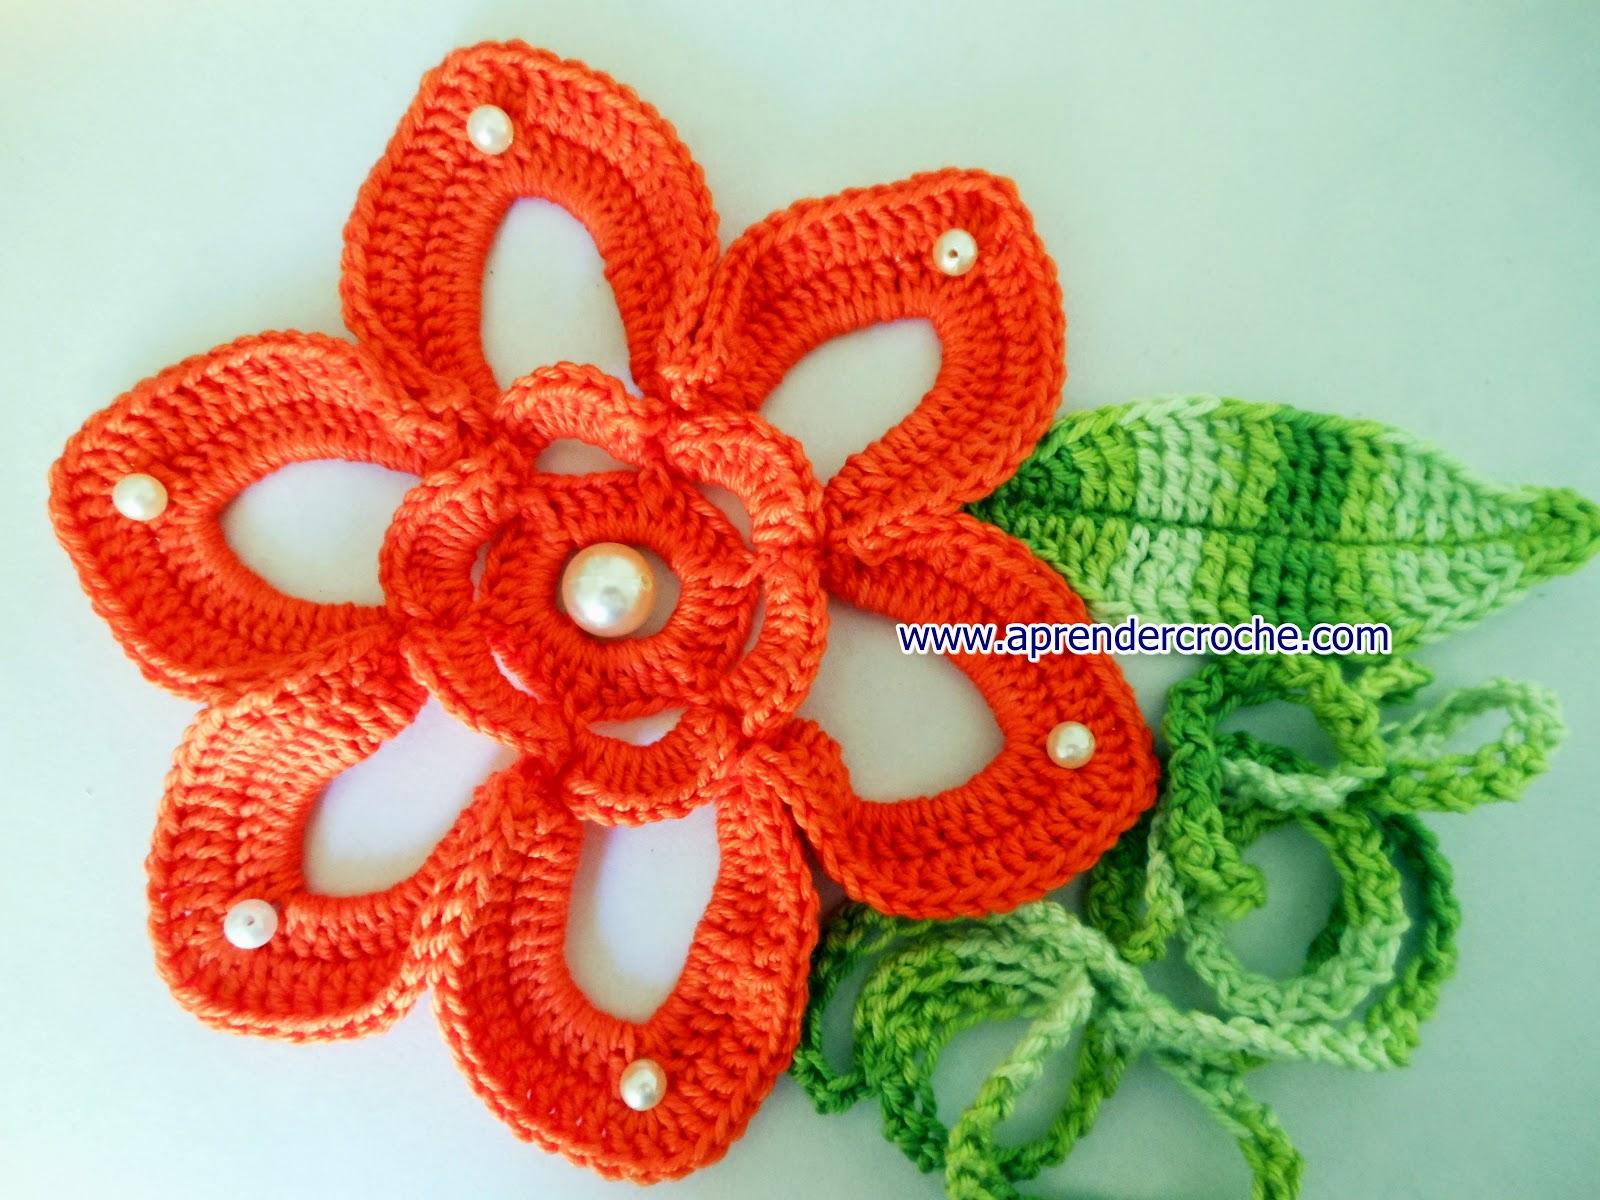 flores pérolas cenoura dvd video-aulas aprender croche com edinir-croche loja frete gratis curso